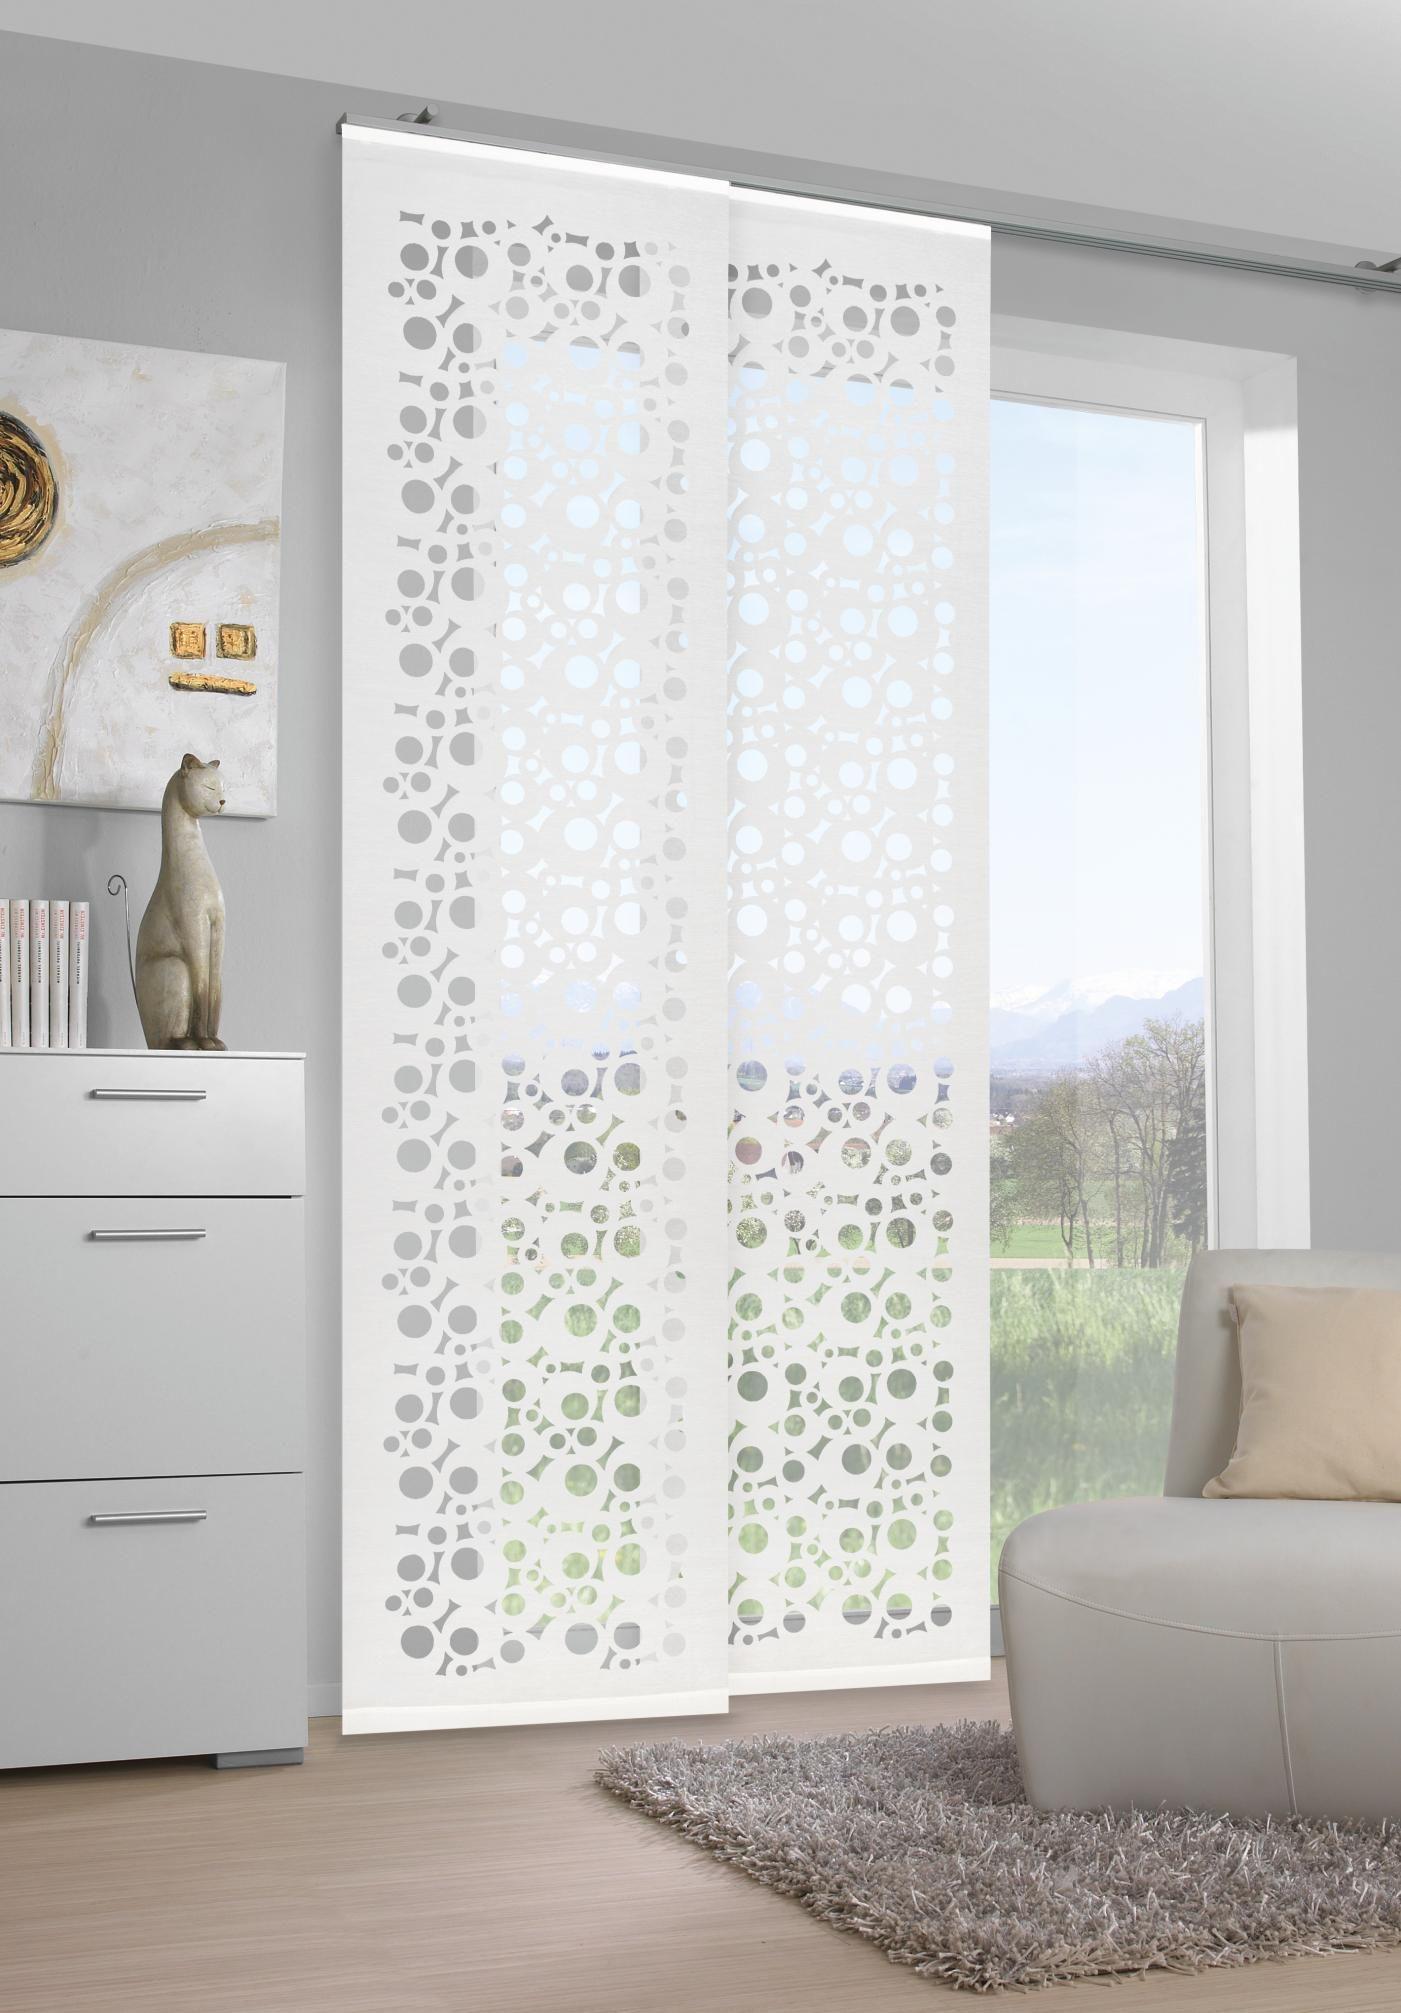 Vorhang In Weiss Von Venda Ausgefallenes Design Fur Ihr Wohnzimmer Vorhange Vorhange Wohnzimmer Vorhange Ideen